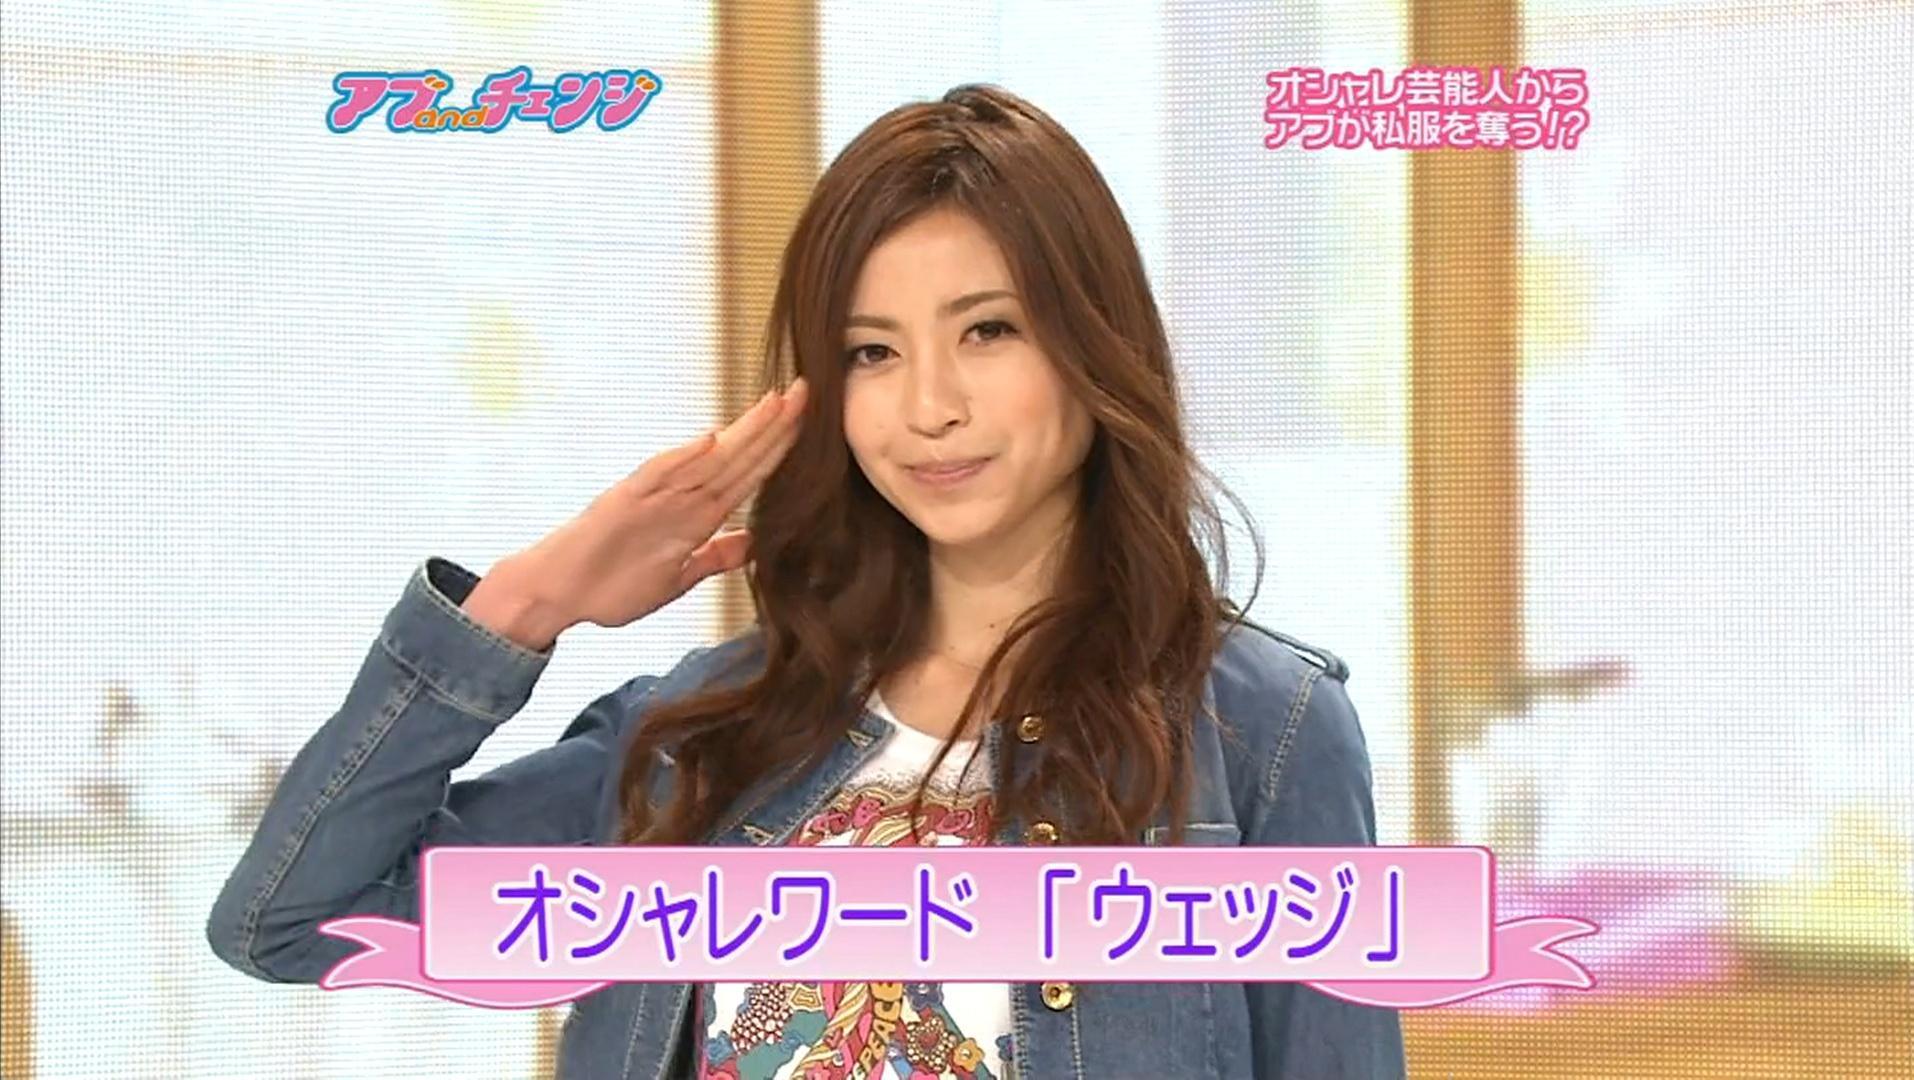 片瀬那奈 ミニスカ美脚キャプ画像(エロ・アイコラ画像)